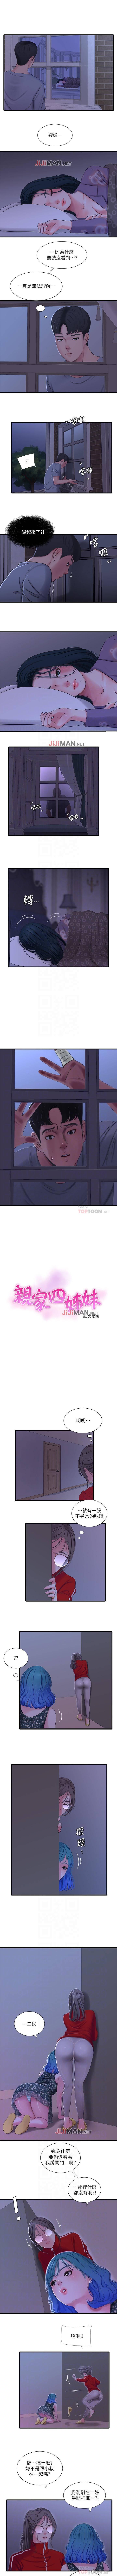 【周四连载】亲家四姐妹(作者:愛摸) 第1~37话 184